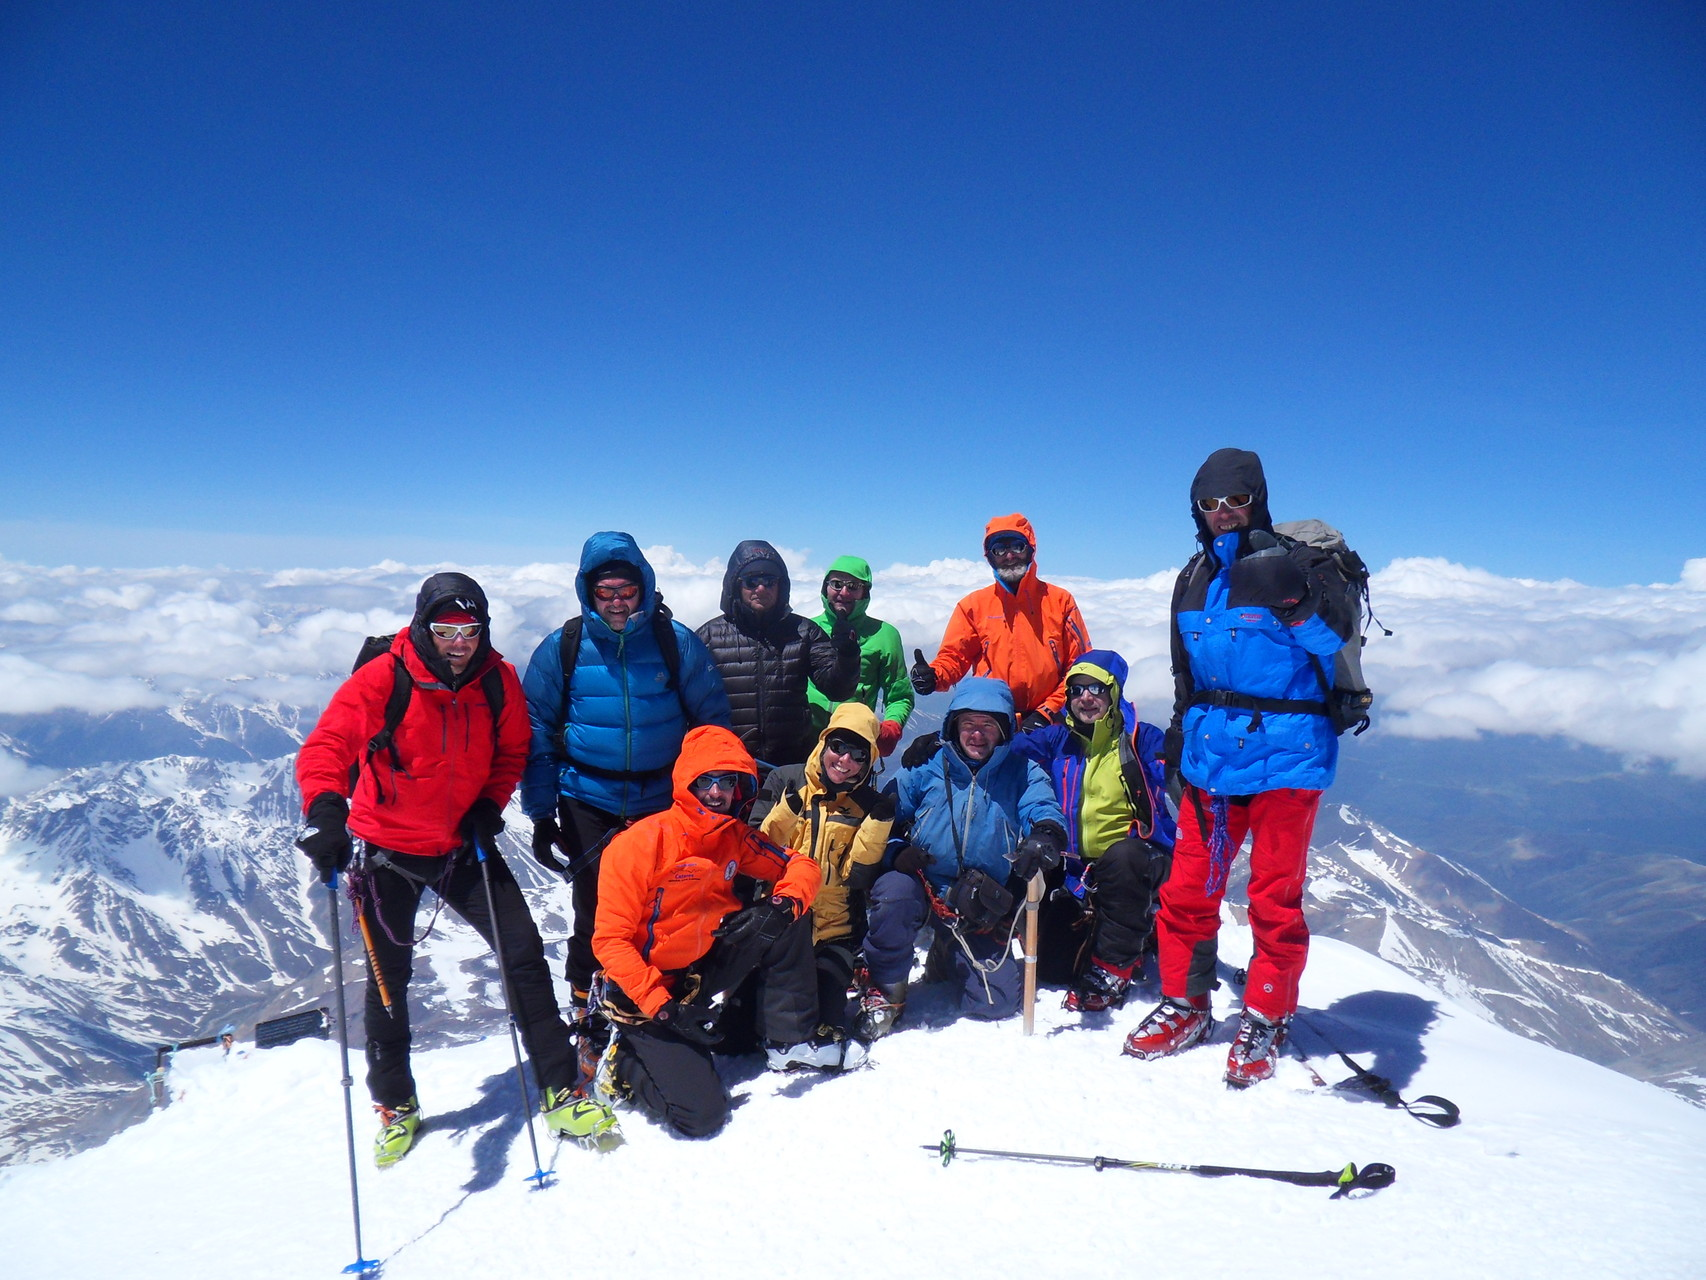 Unsere Gruppe komplett mit allen Teilnehmern am Gipfel